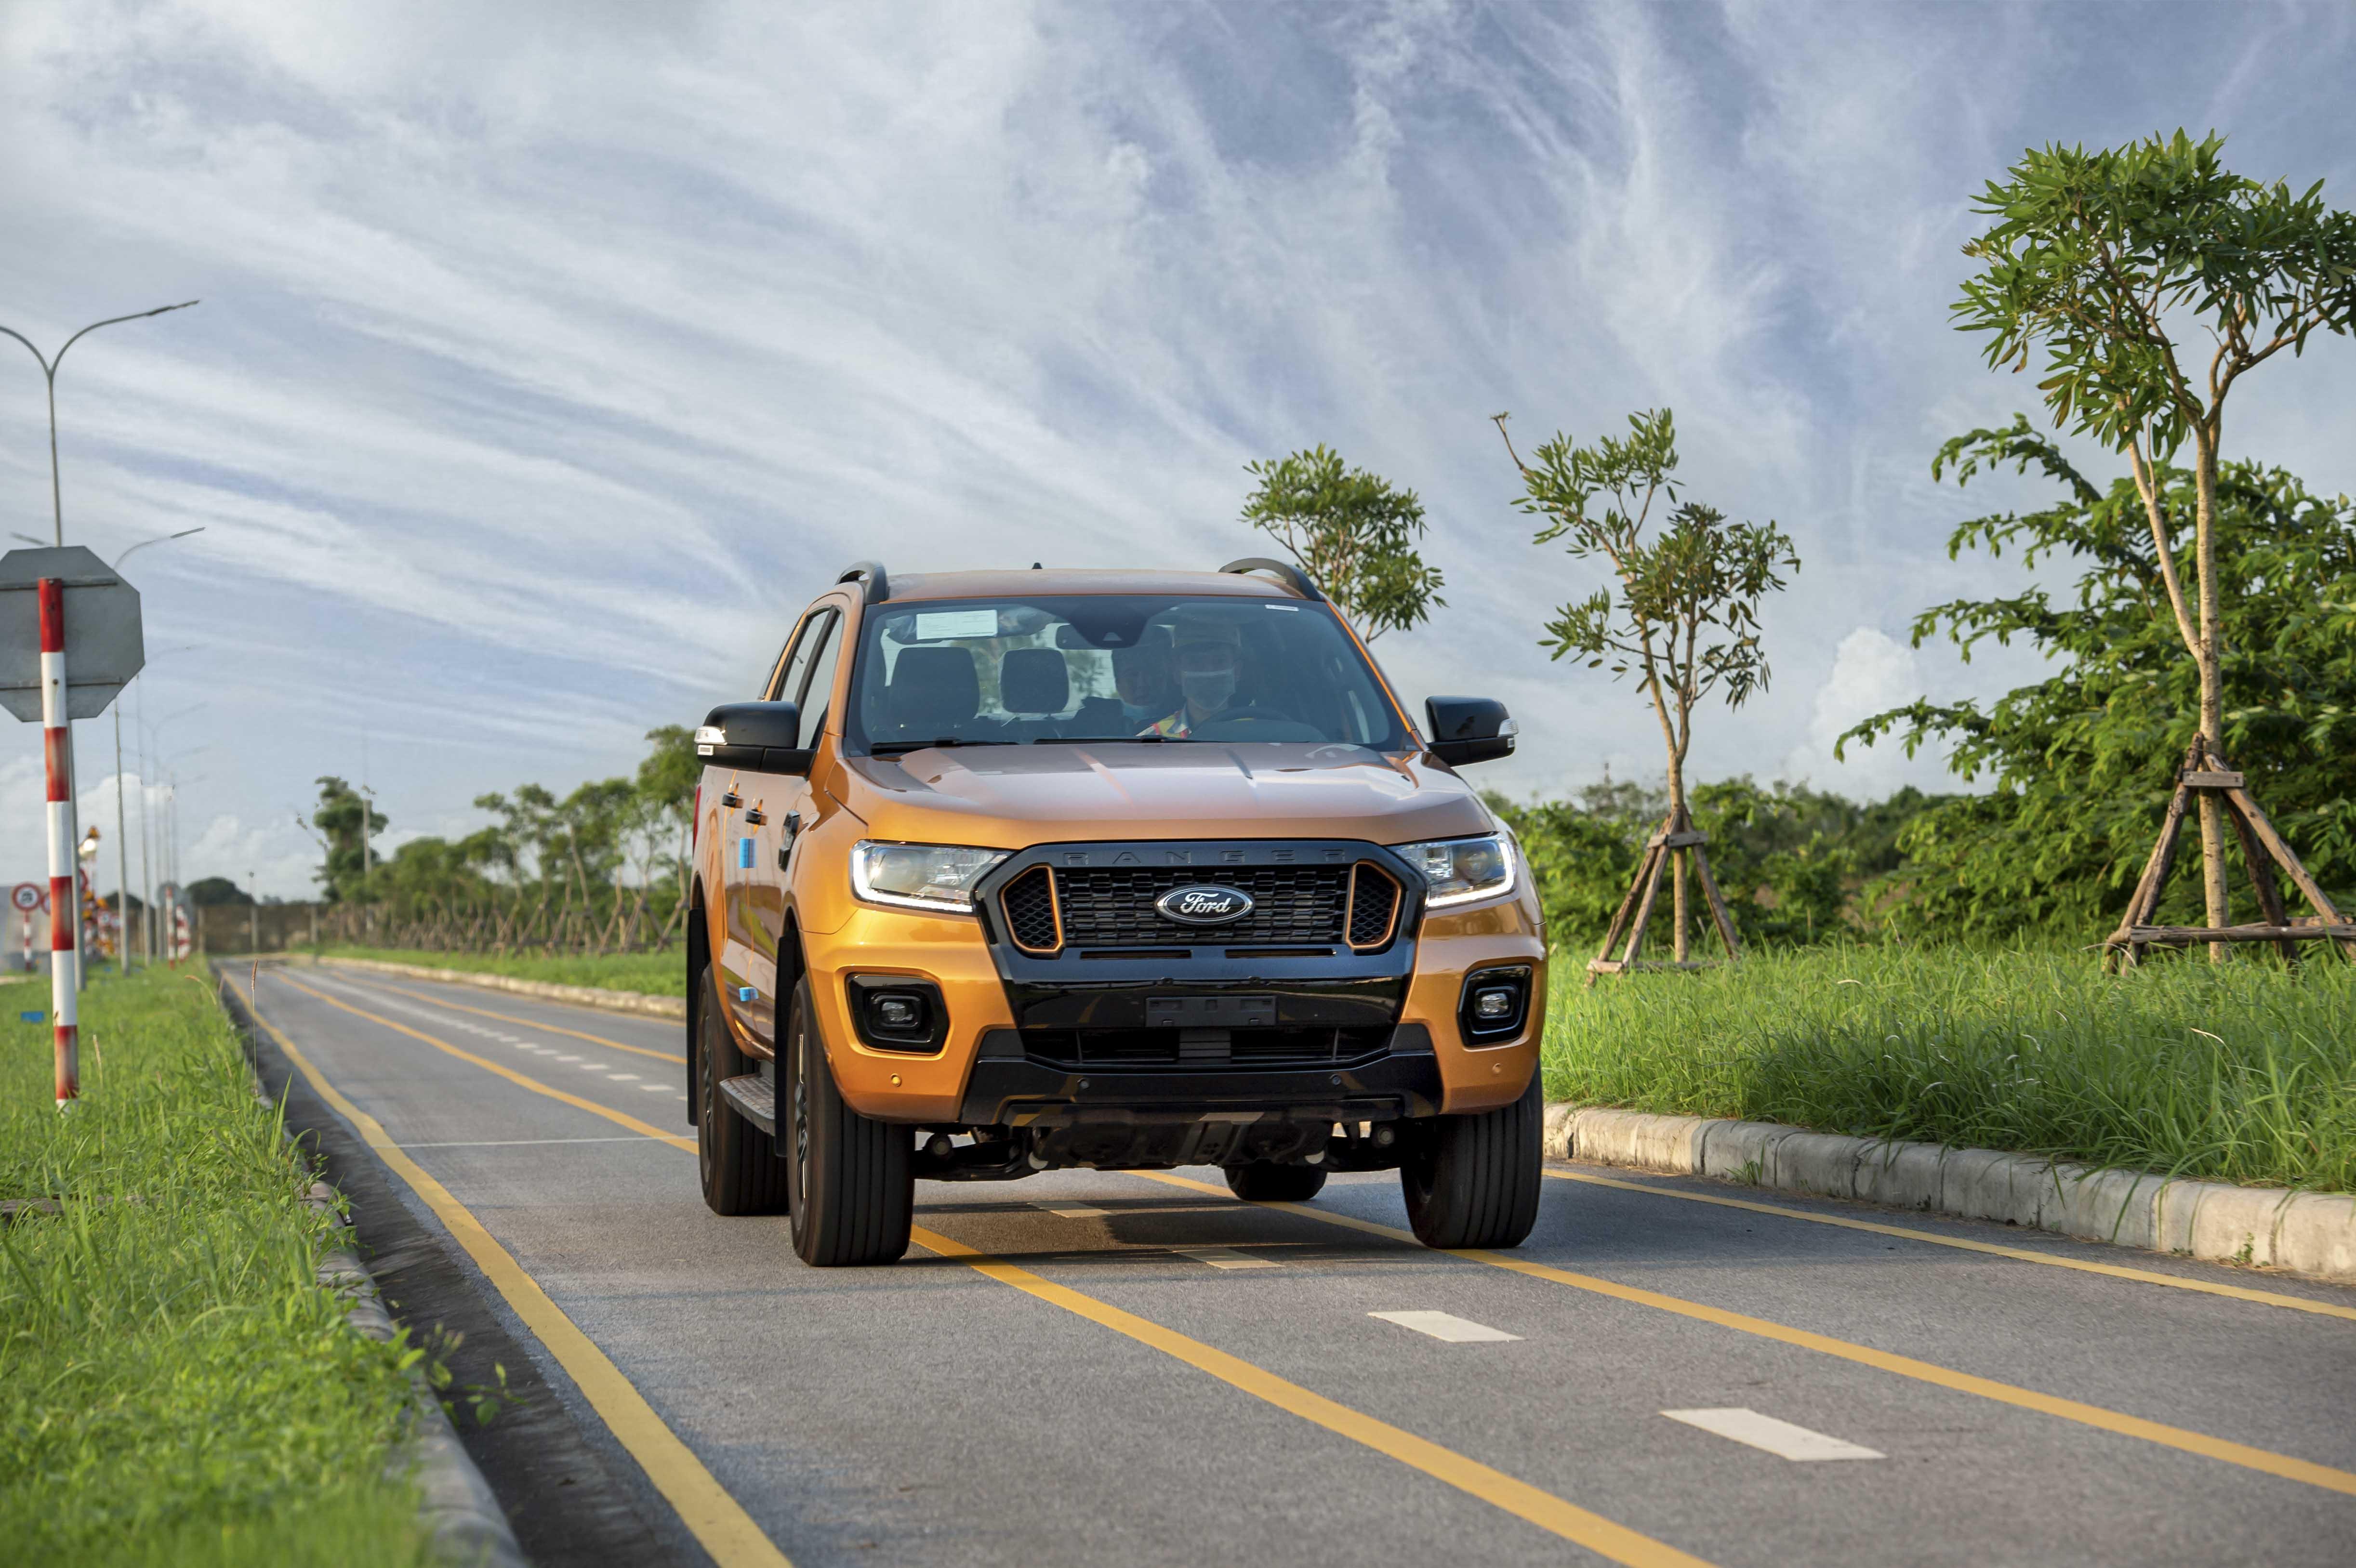 Ford Ranger Việt Nam chính thức xuất xưởng từ nhà máy Ford Hải Dương vào sáng nay (15/7), áp dụng quy trình lắp ráp toàn cầu của Ford Motor.